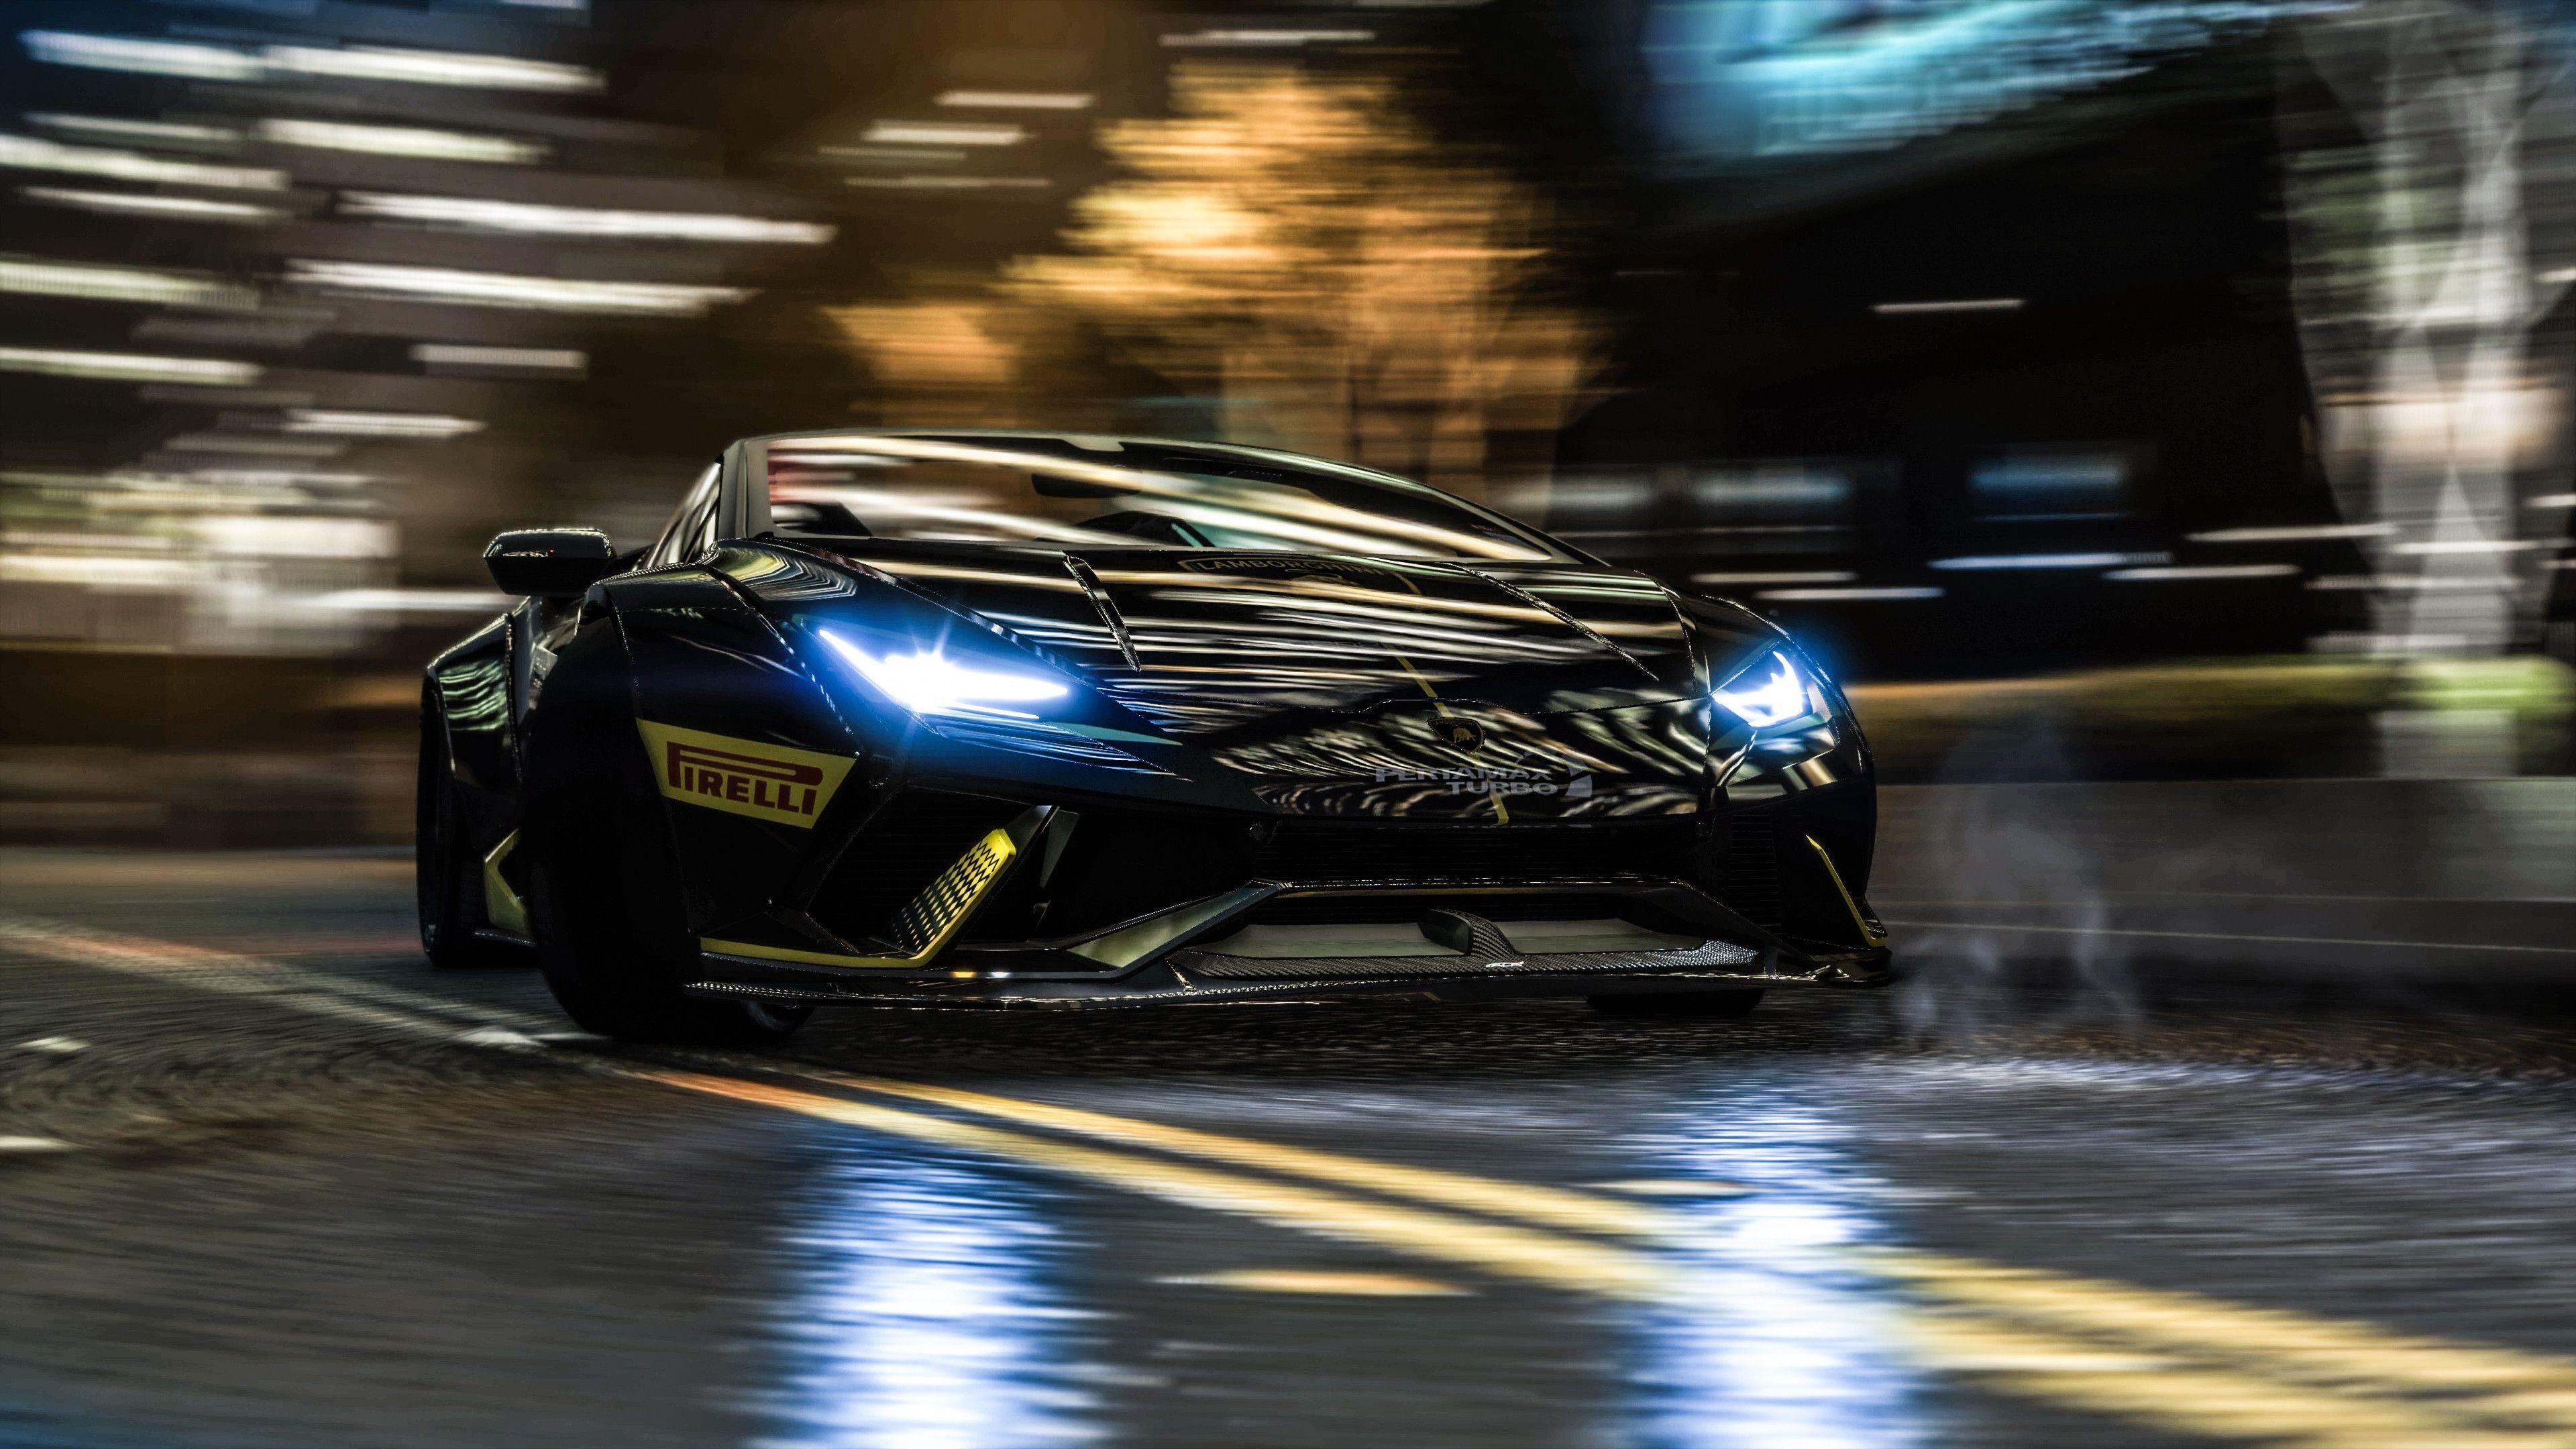 Lamborghini Gta Wallpapers Top Free Lamborghini Gta Backgrounds Wallpaperaccess